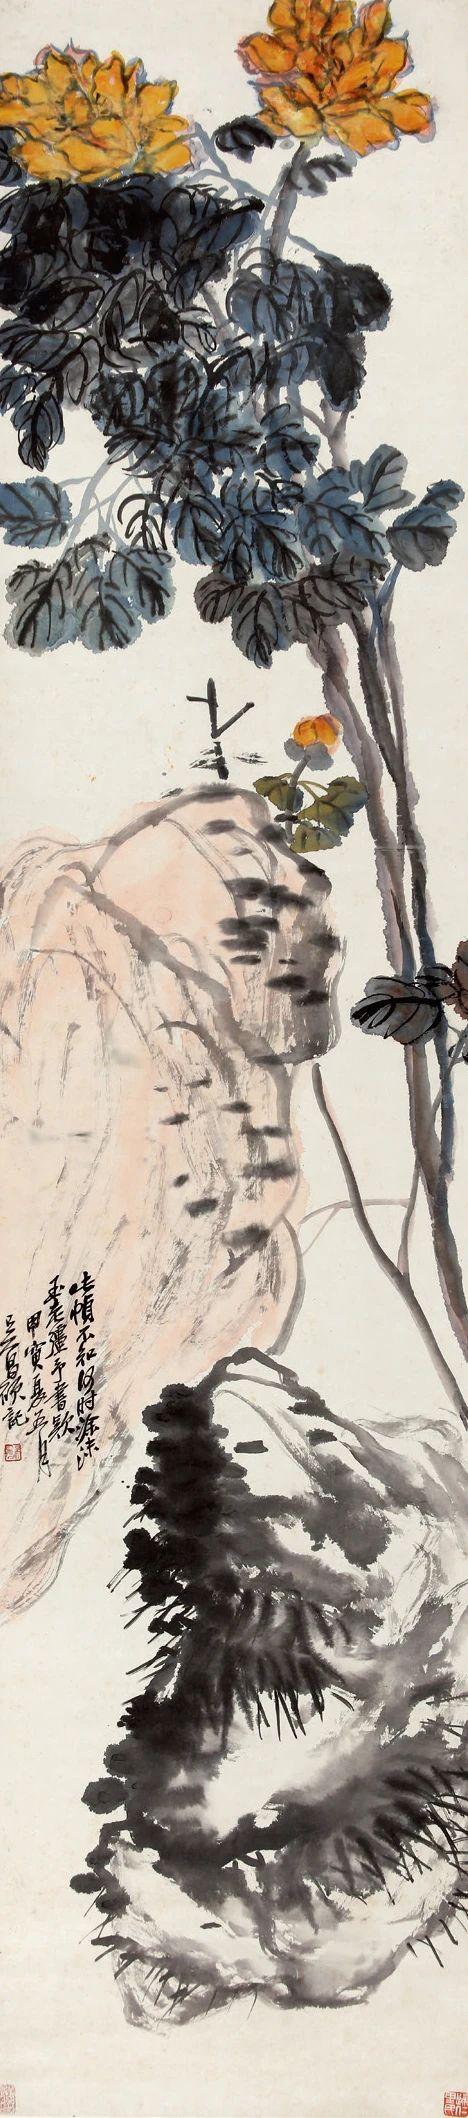 圣佳艺文志   花开富贵,四时花卉记 — 牡丹 牡丹 花卉 花开富贵 圣佳 艺文志 宋人 牡丹图 纨扇页 绢本 故宫博物院 崇真艺客